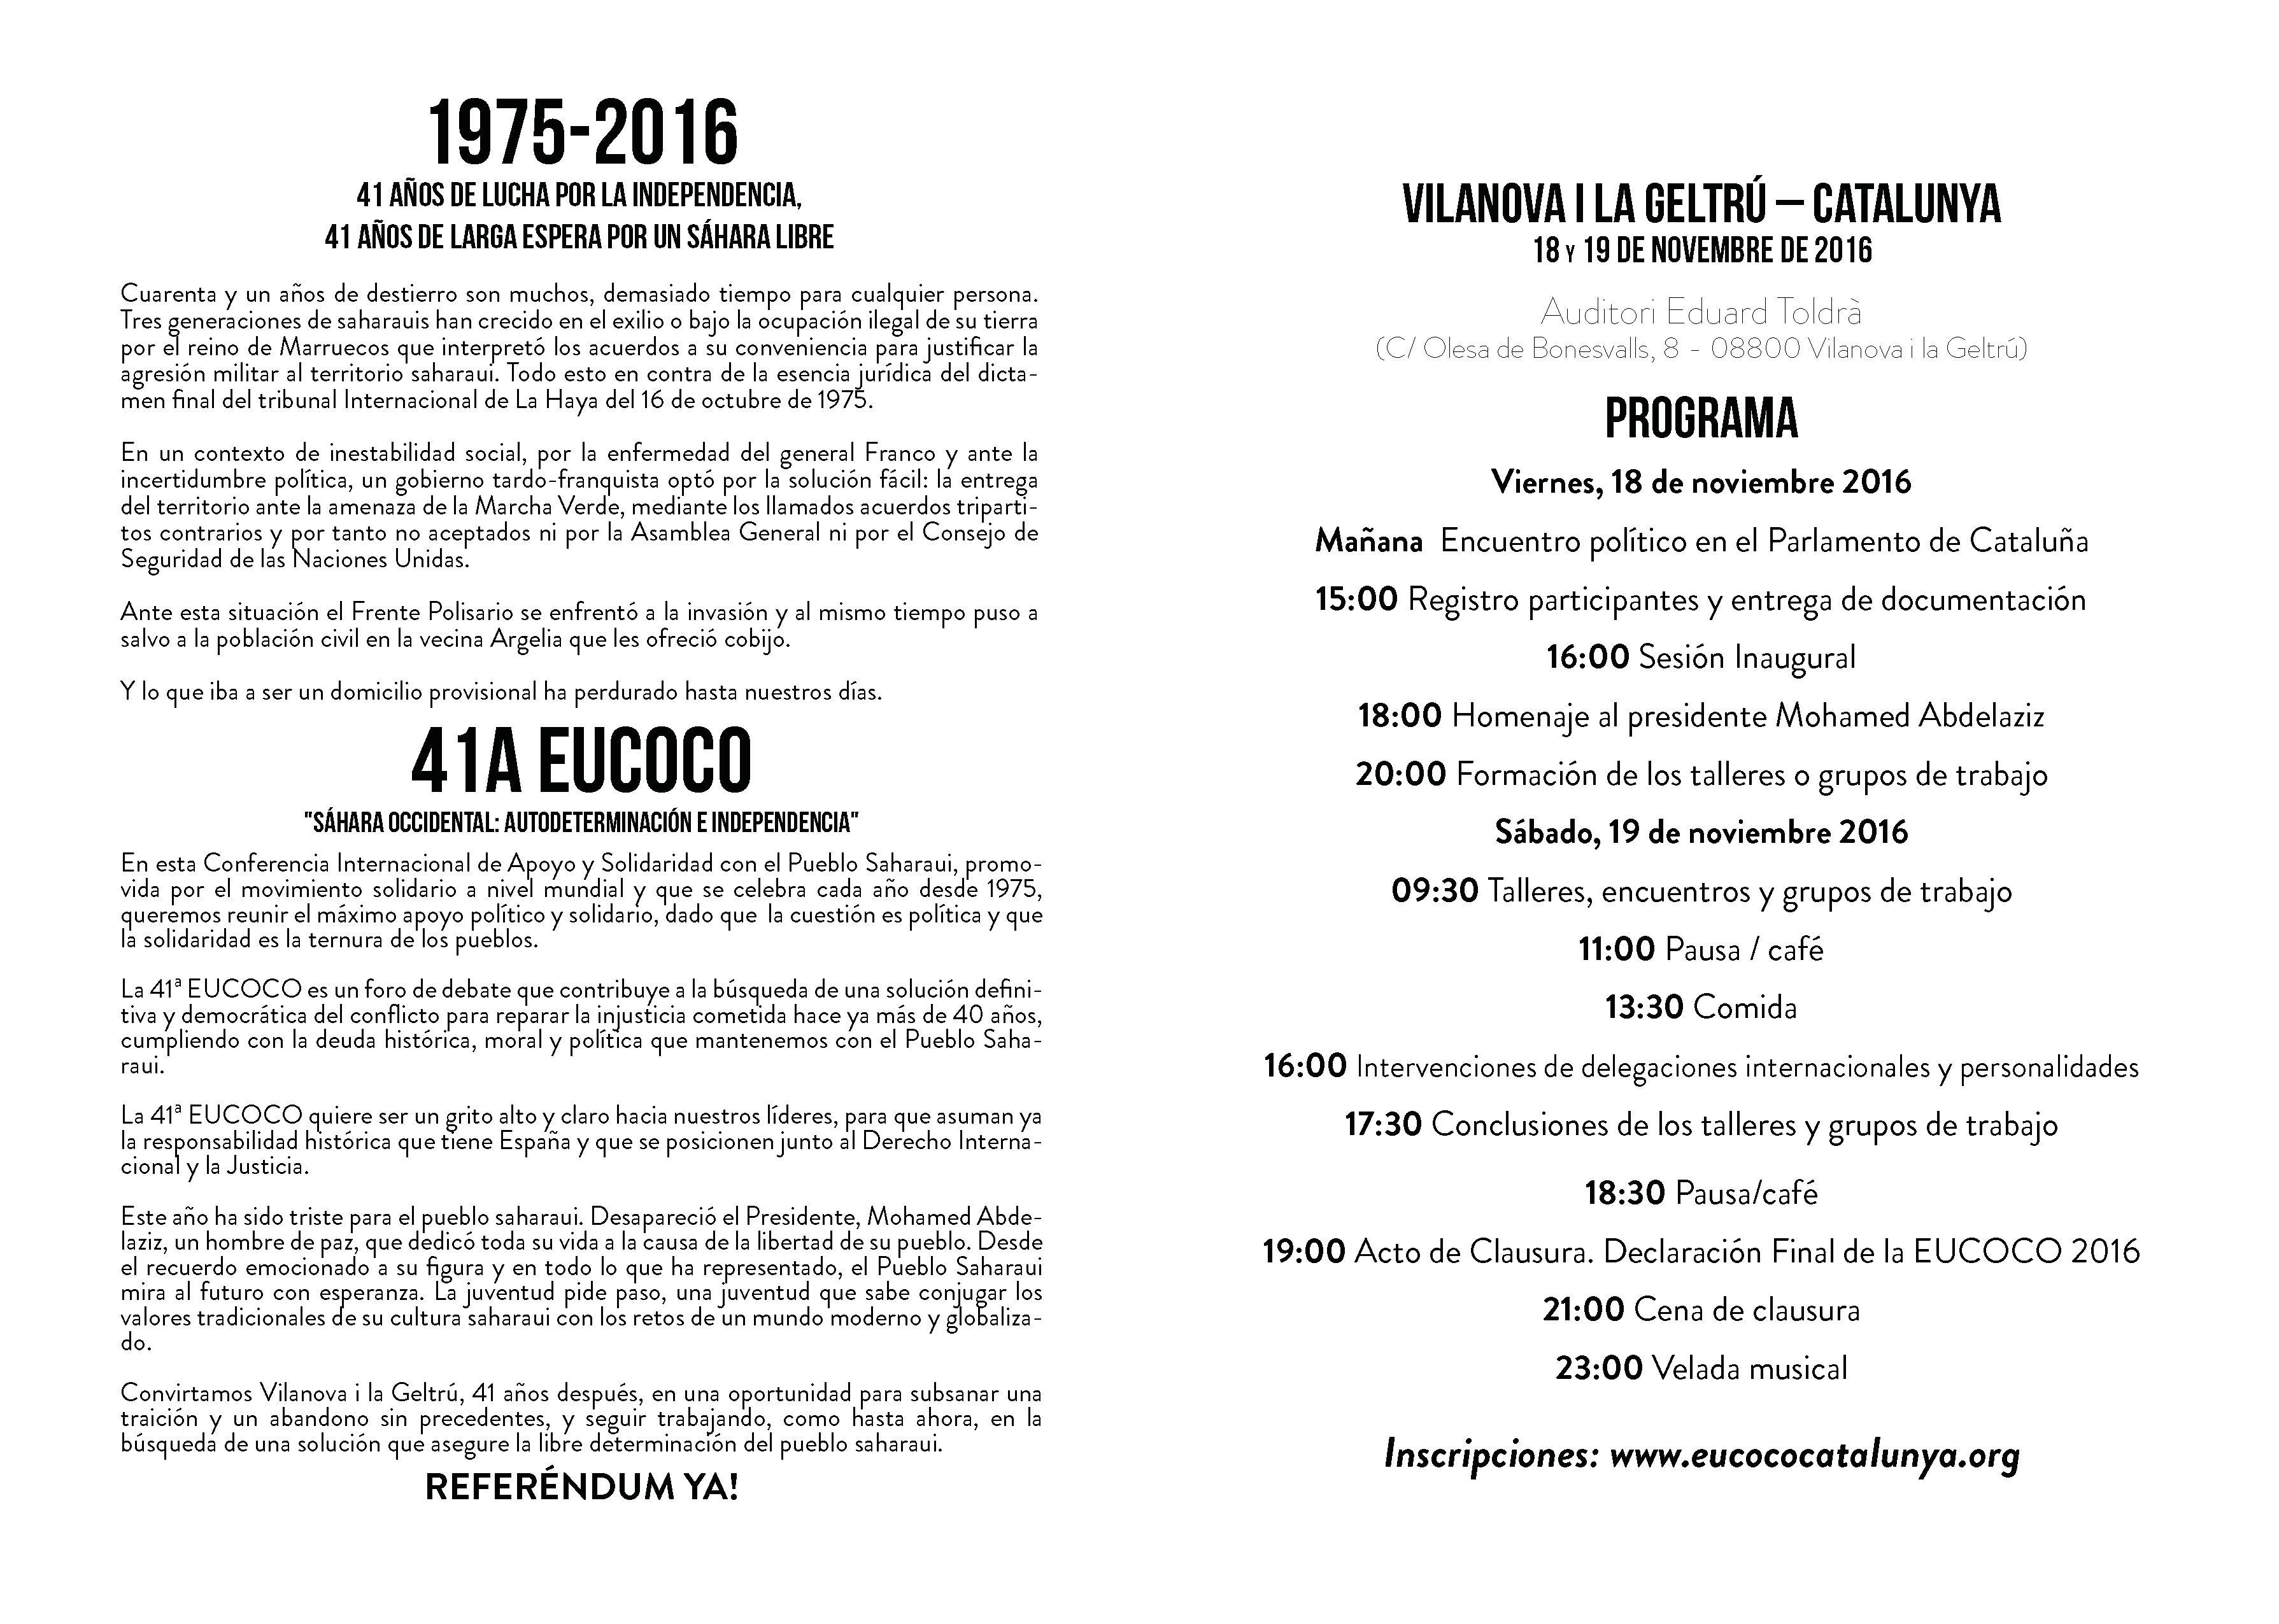 diptico-eucoco-cast-02